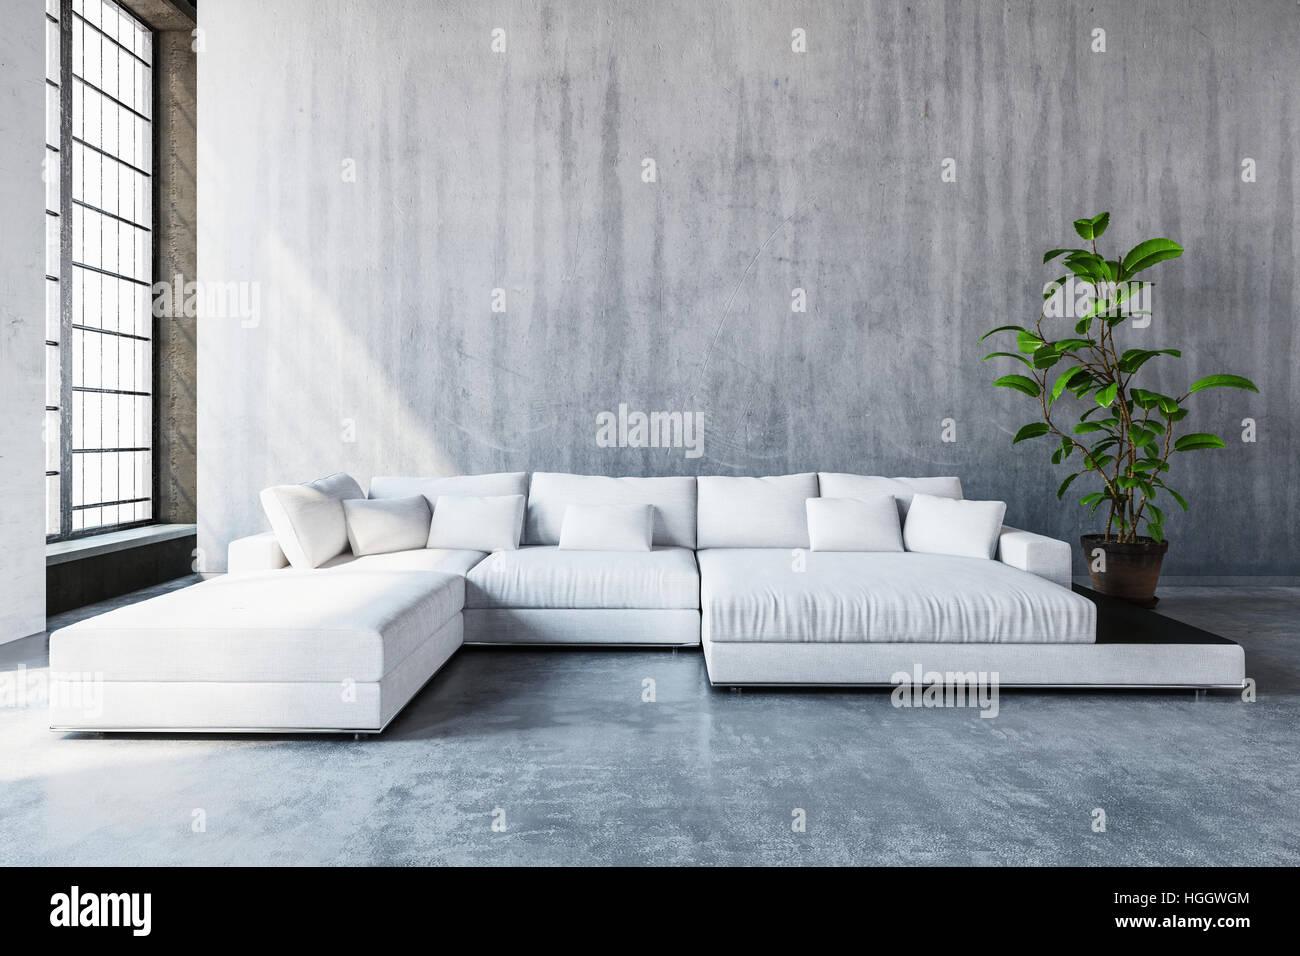 canap modulaire moderne et l gant lit de jour avec des. Black Bedroom Furniture Sets. Home Design Ideas